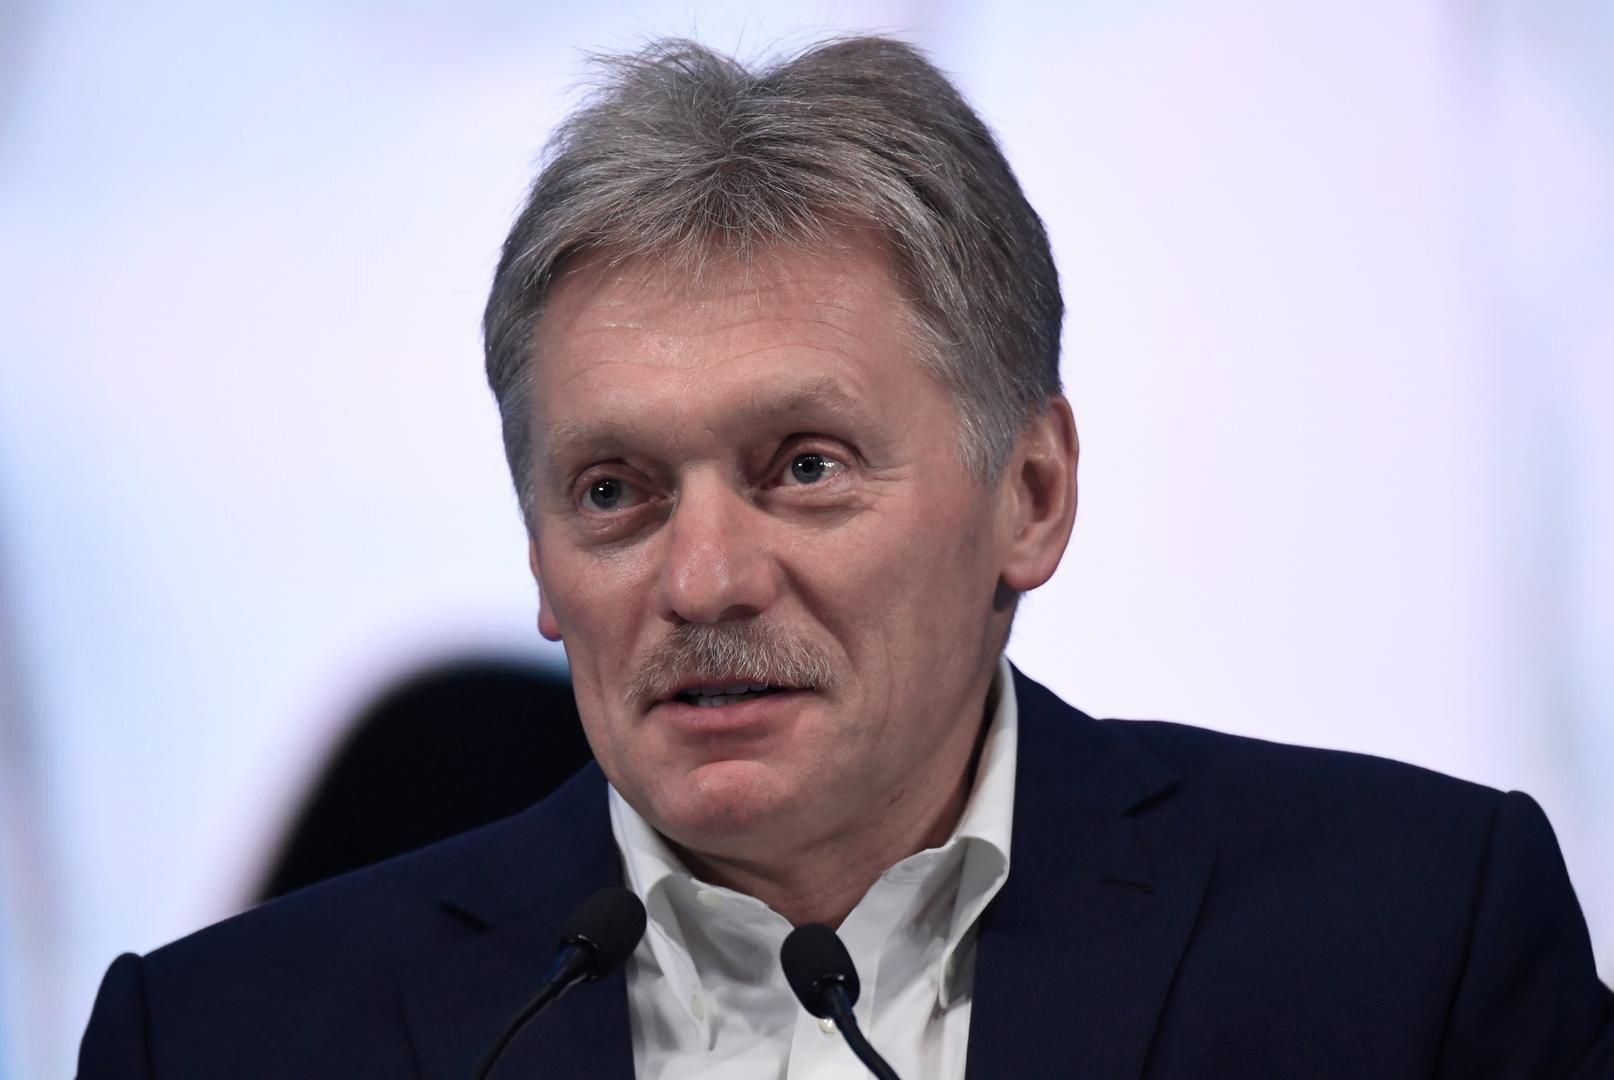 بيسكوف: التقرير حول دعم الكرملين لترامب هراء